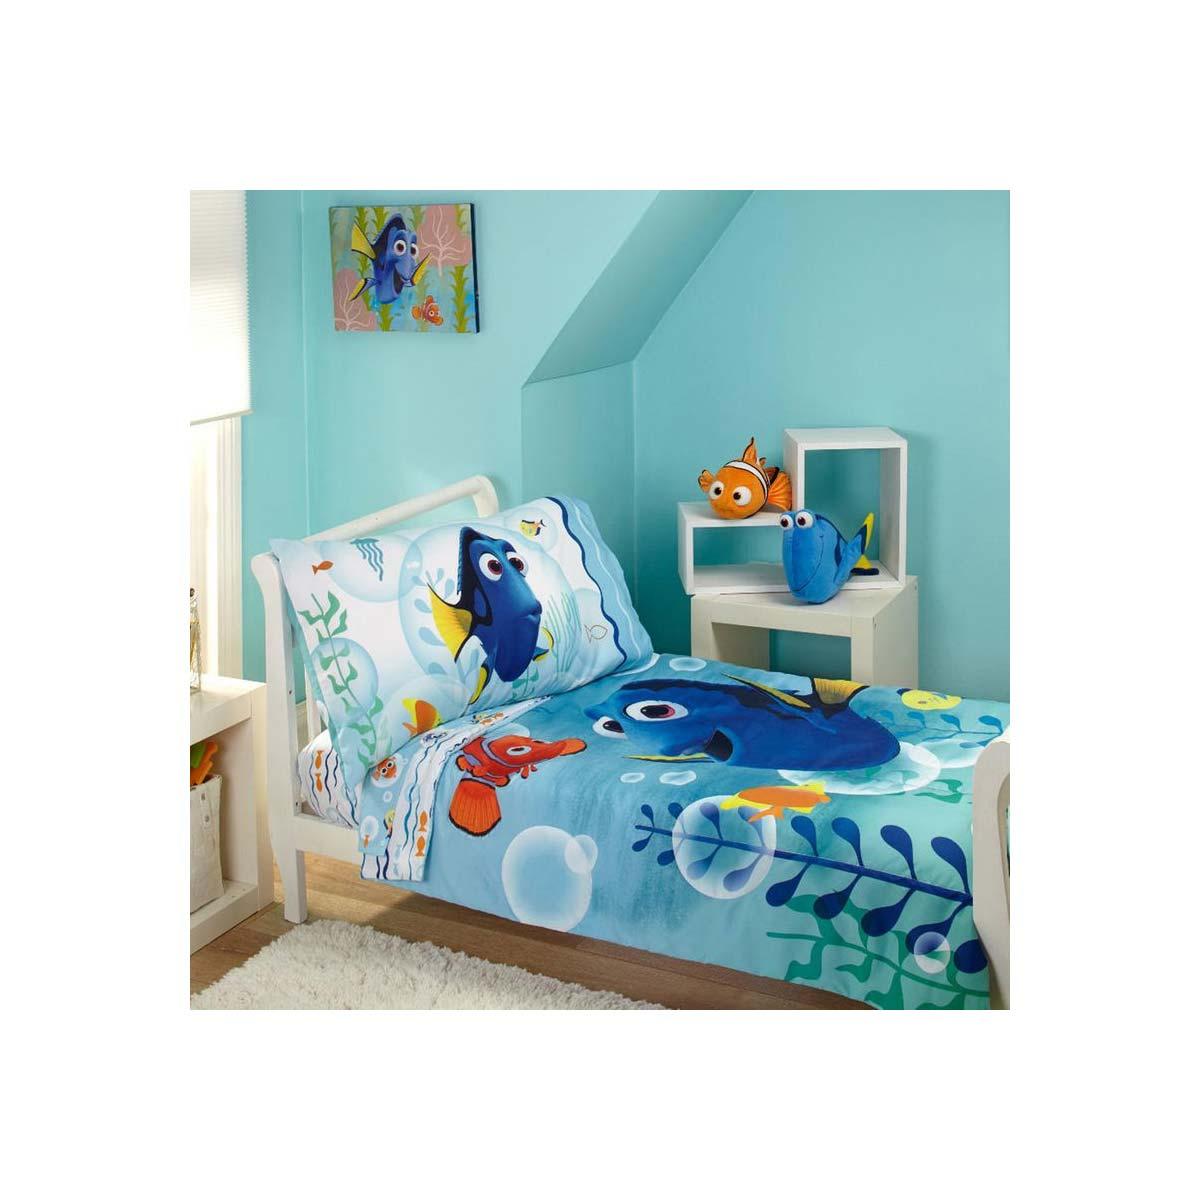 ファインディングドリー フィンディングニモ ベッドカバー 枕カバー ベッドシーツ セット 子供 幼児 寝具 インテリア ディズニー キャラクター グッズ